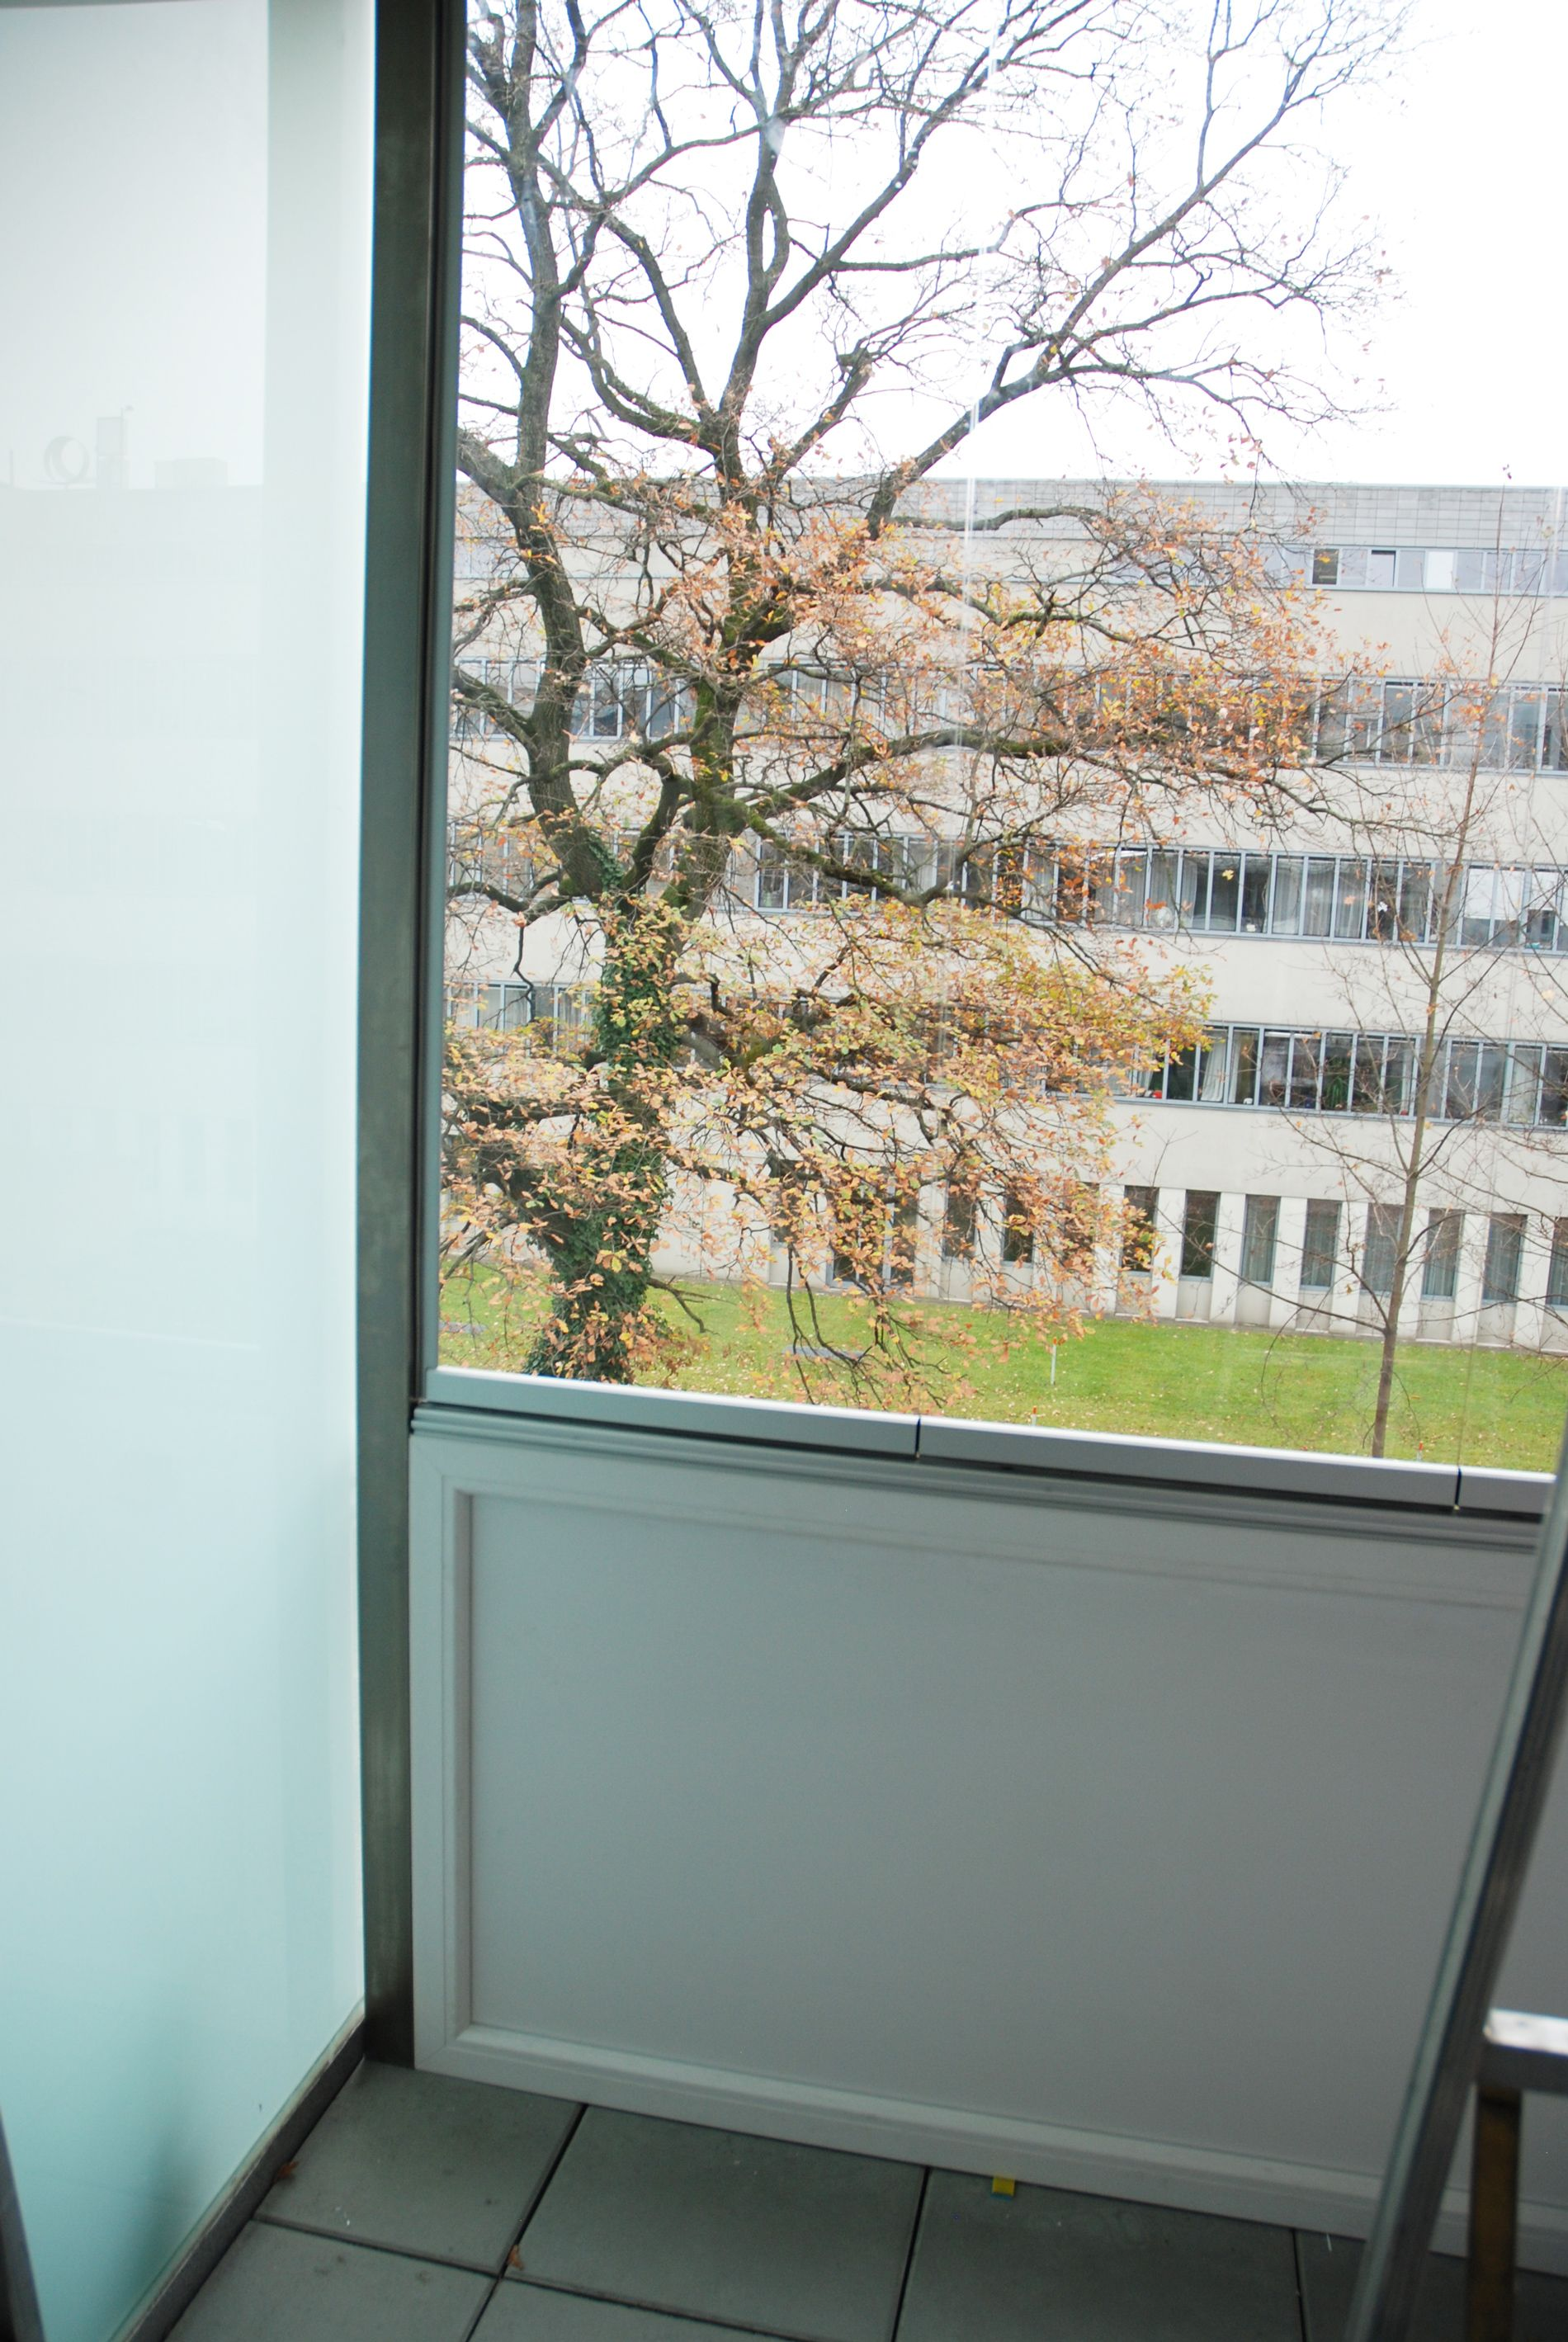 Wind Und Regenschutz Fur Balkon Verglasungen Balkon Terrasse